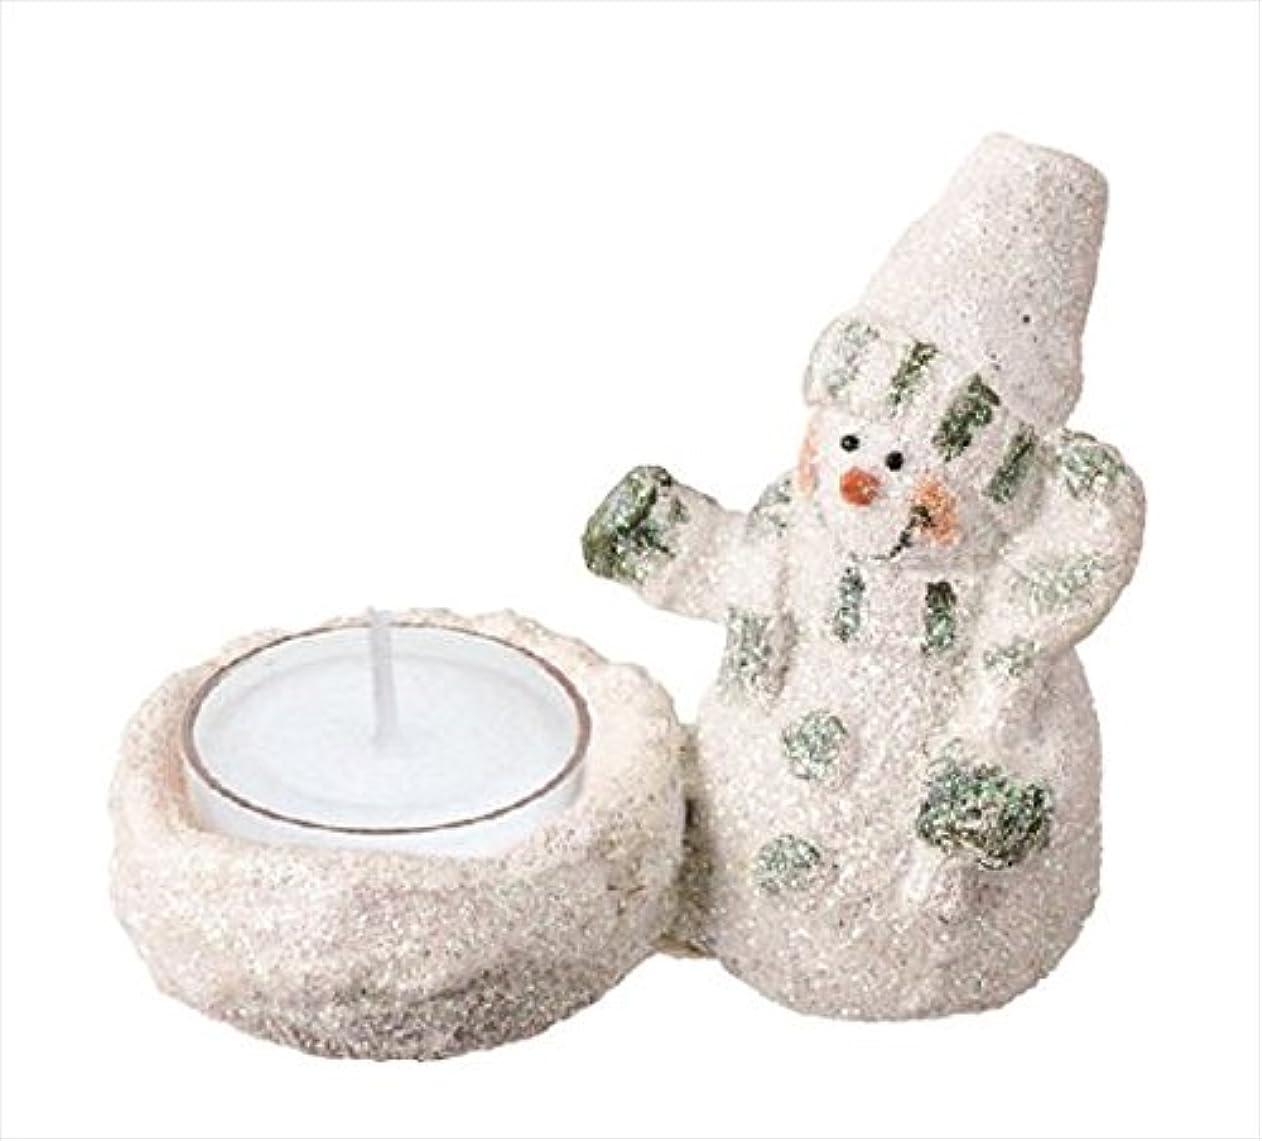 リットルクラックポットキャッシュカメヤマキャンドル(kameyama candle) グリッタースノーマンホルダー 「 グリーン 」